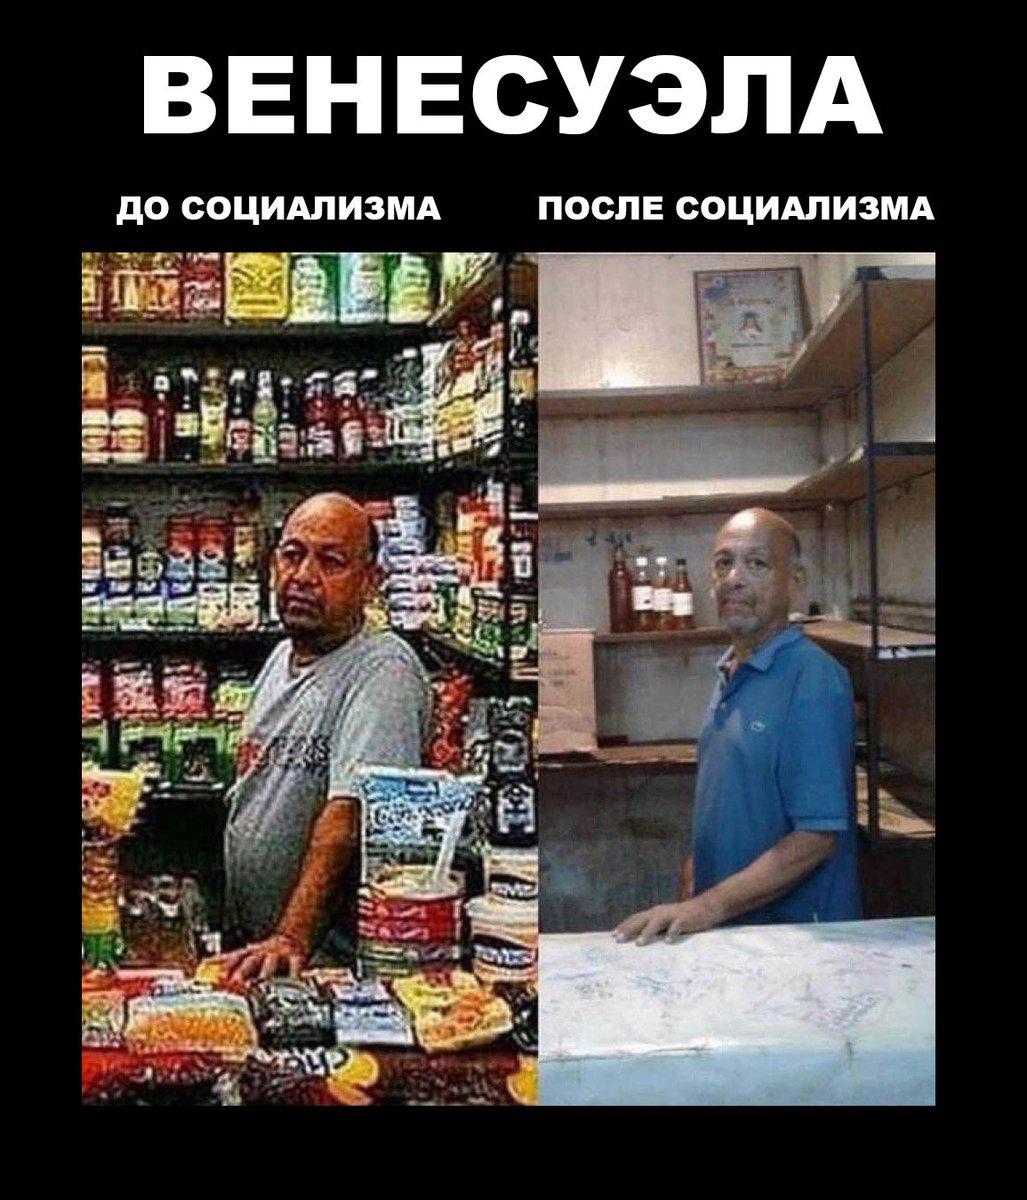 Венесуэла до социализма и при социализме